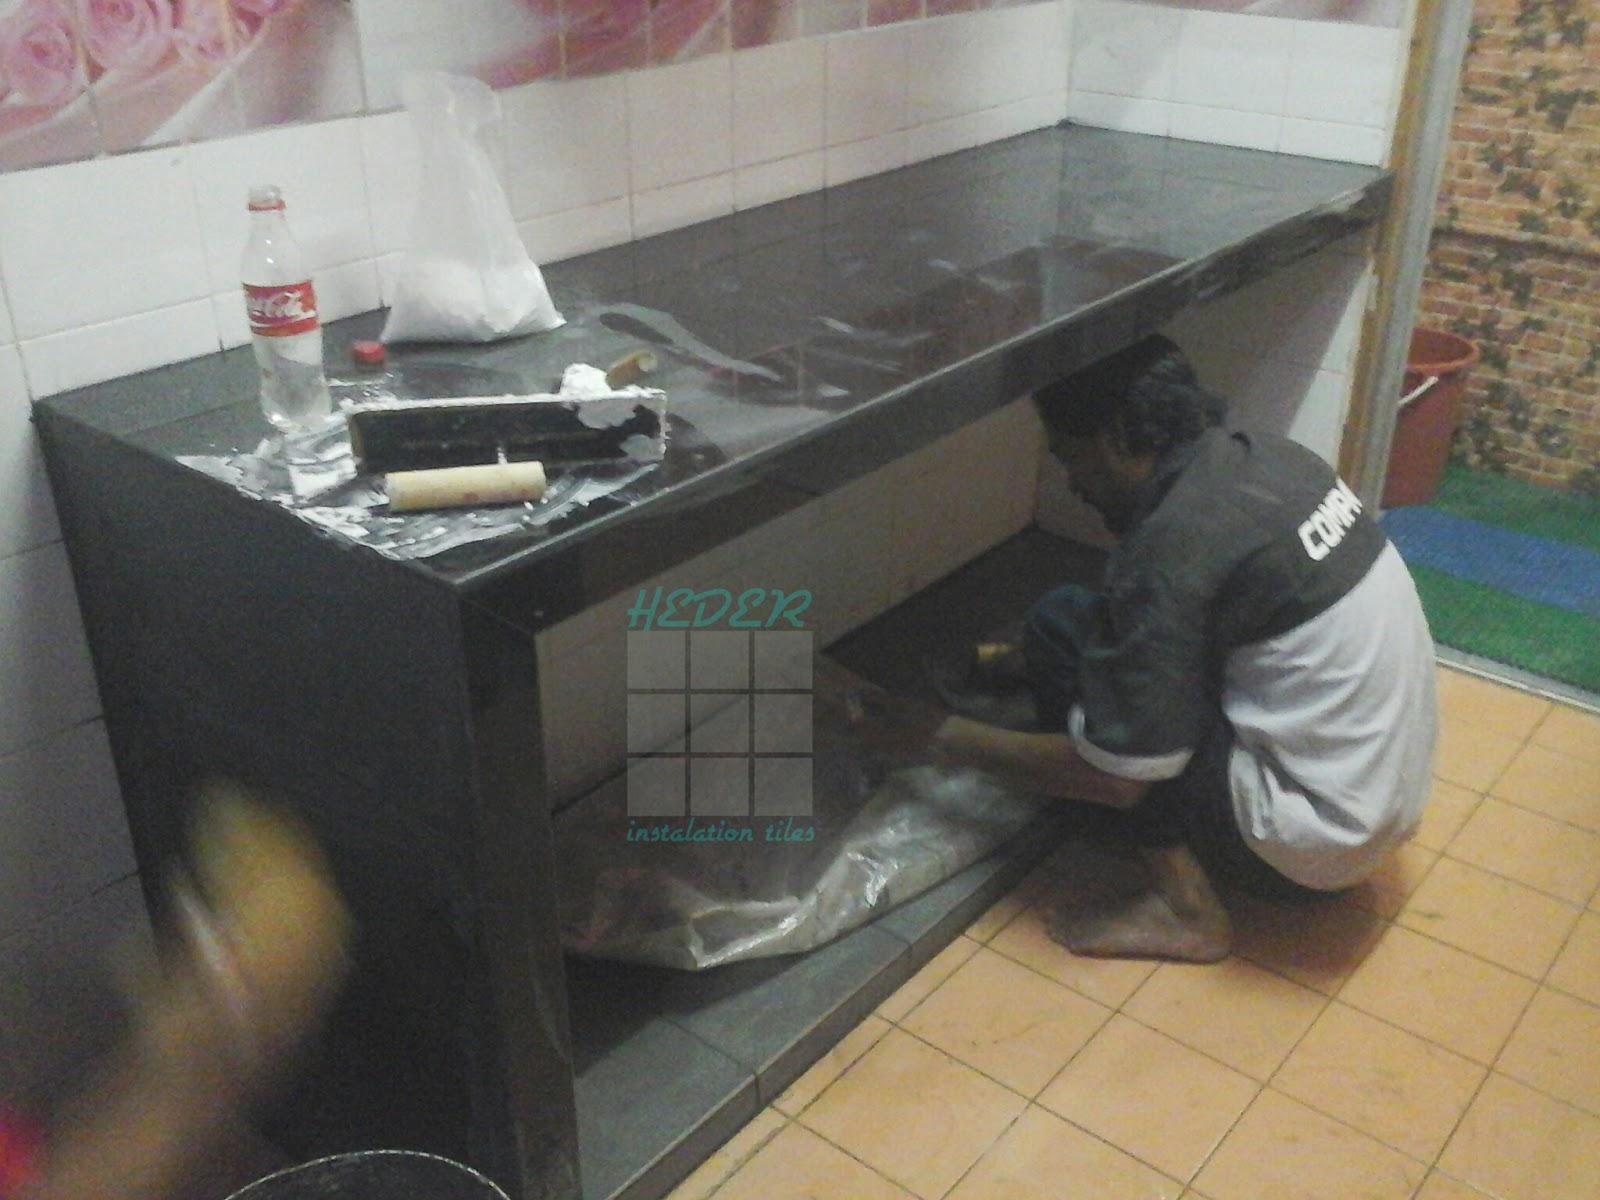 Meja Dapur Sudah Siap Yang Kat Bawah Tabletop Ade Naik 2inci Saya Letak Tiles 1 1kaki 30 30cm Warna Hitam Sesuai Dengan